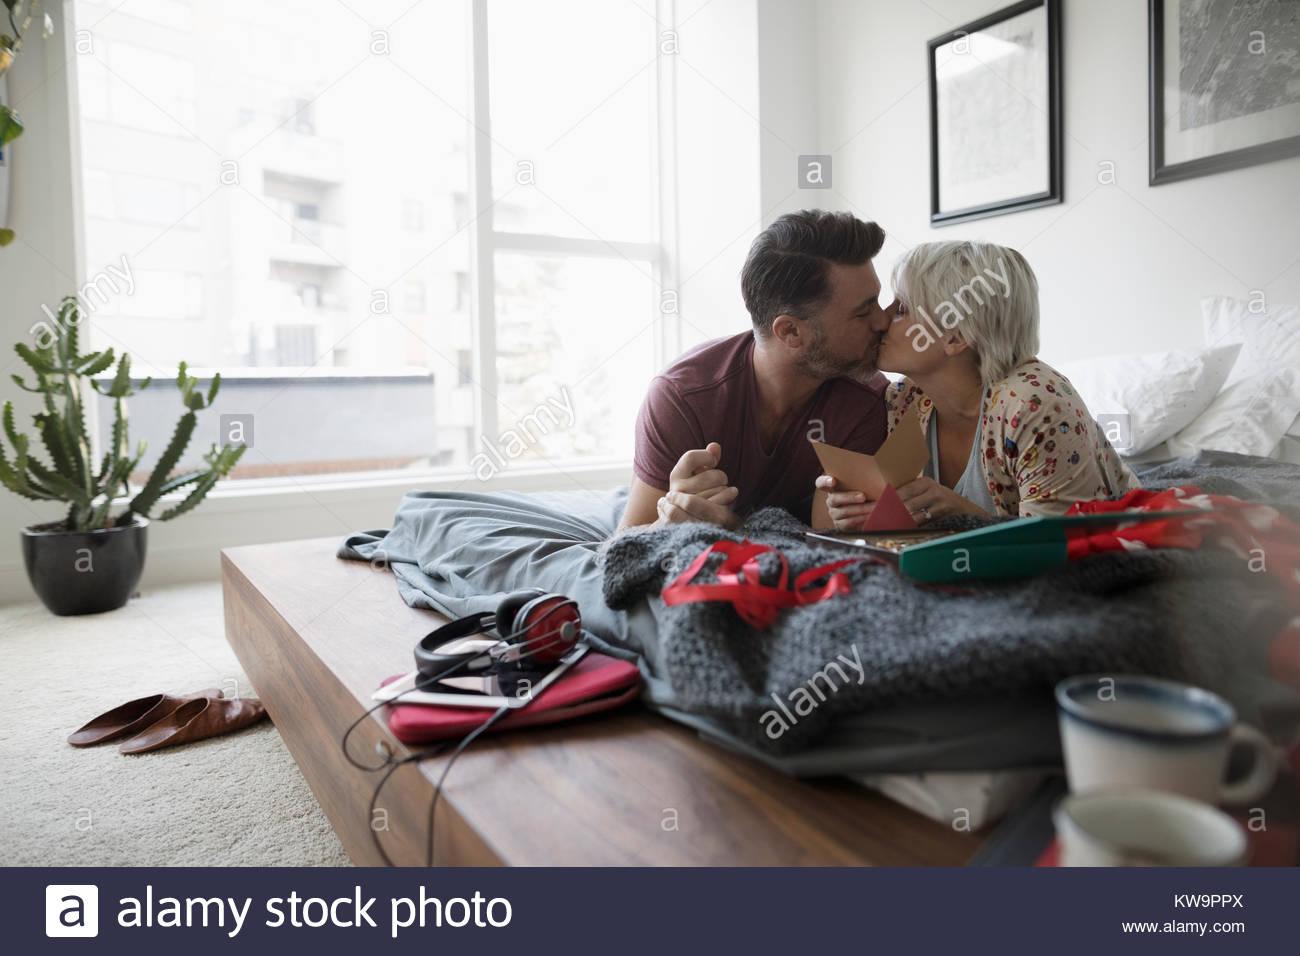 Affectueux,couple romantique Valentine et ouverture Photo Stock